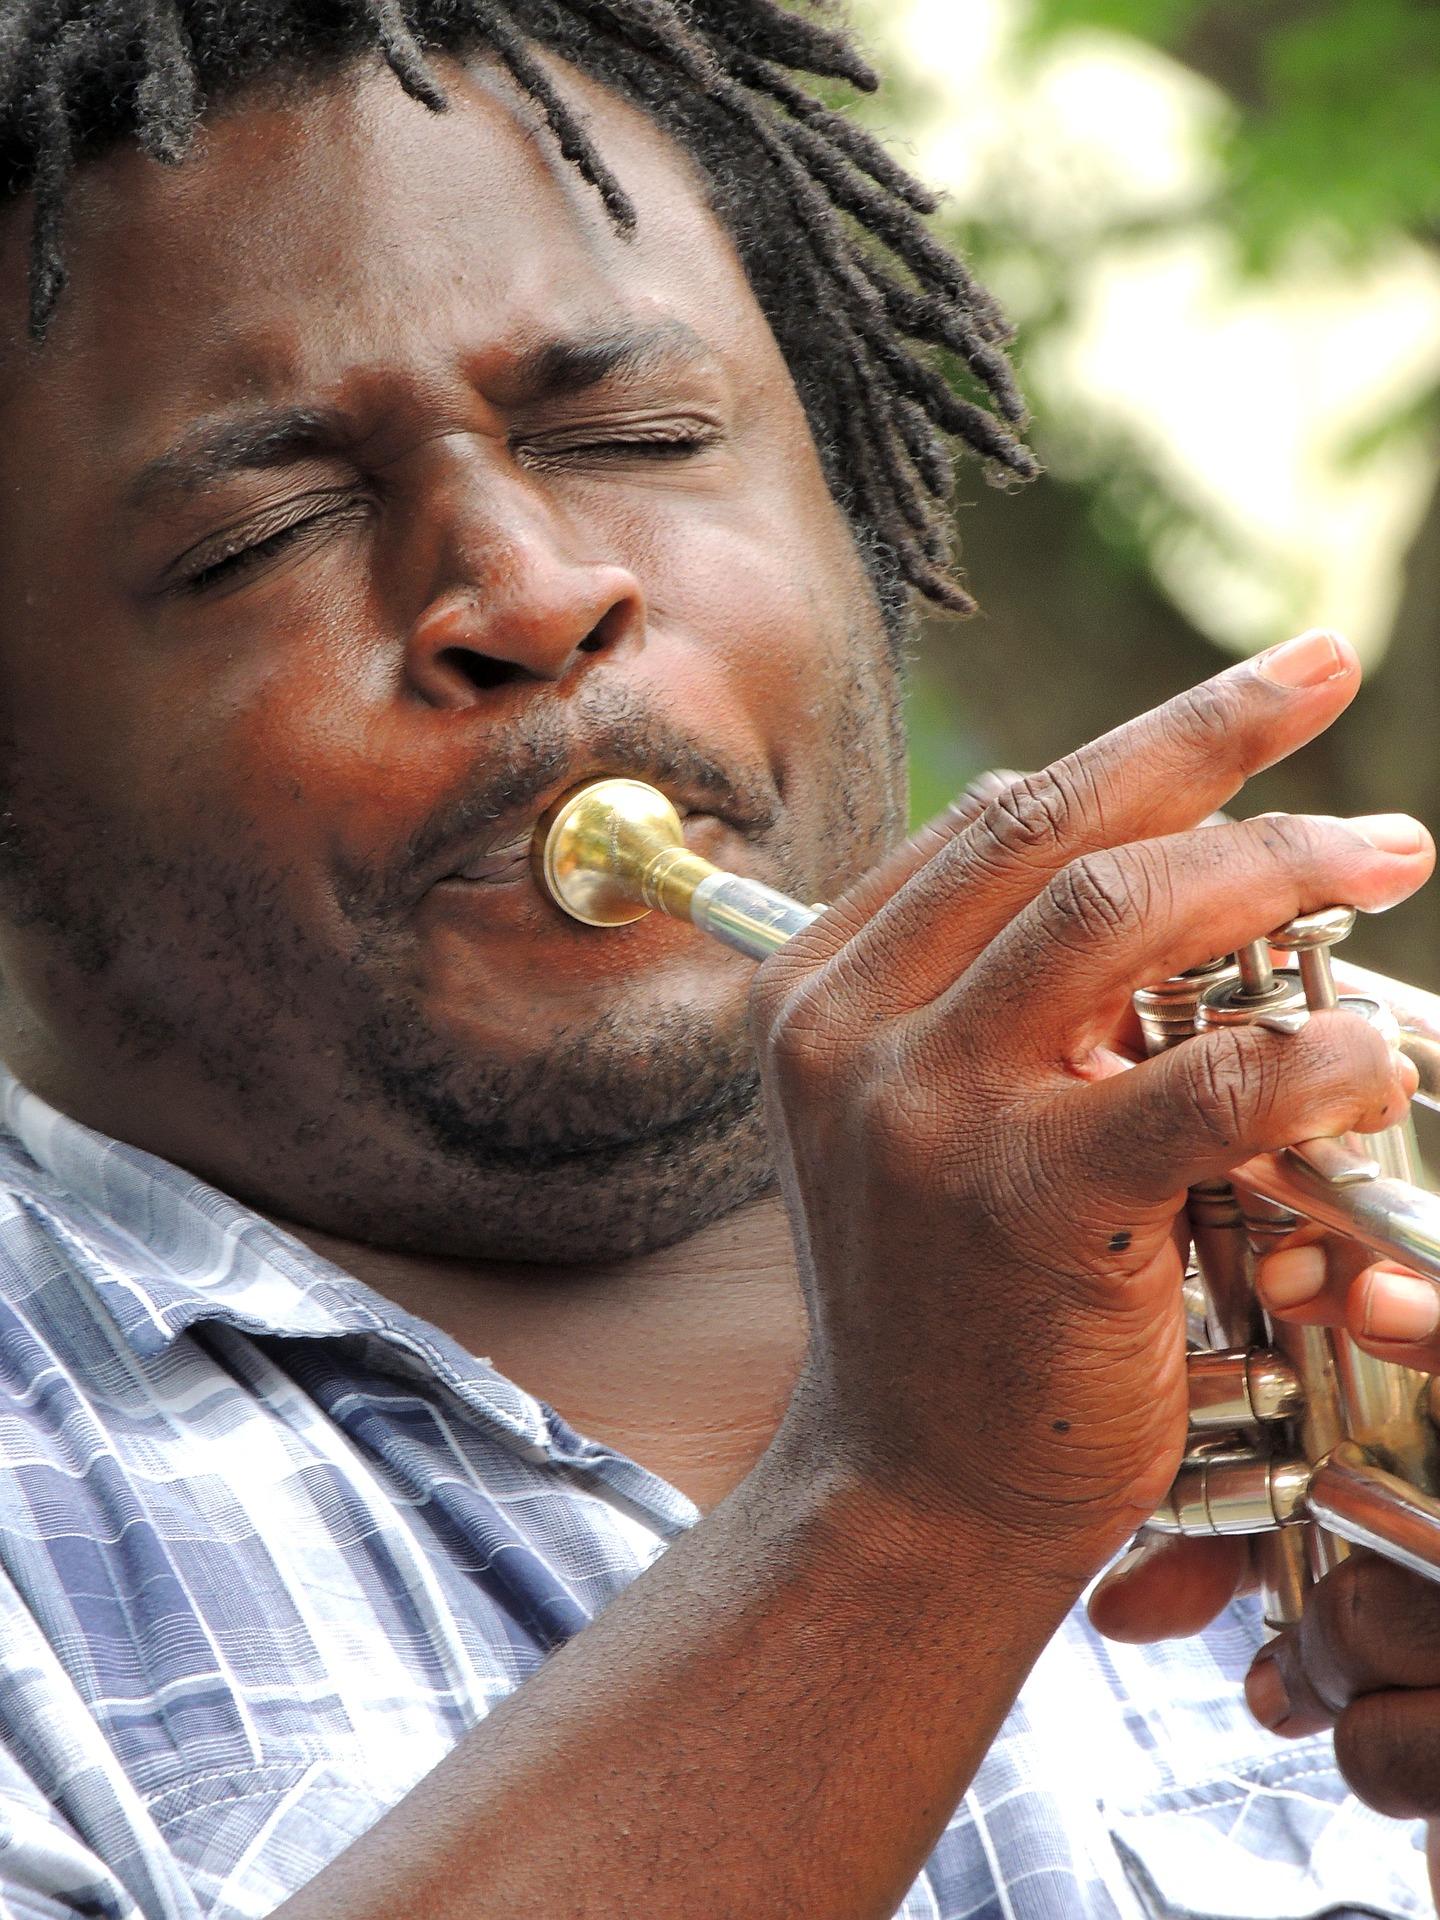 musician-2148871_1920.jpg